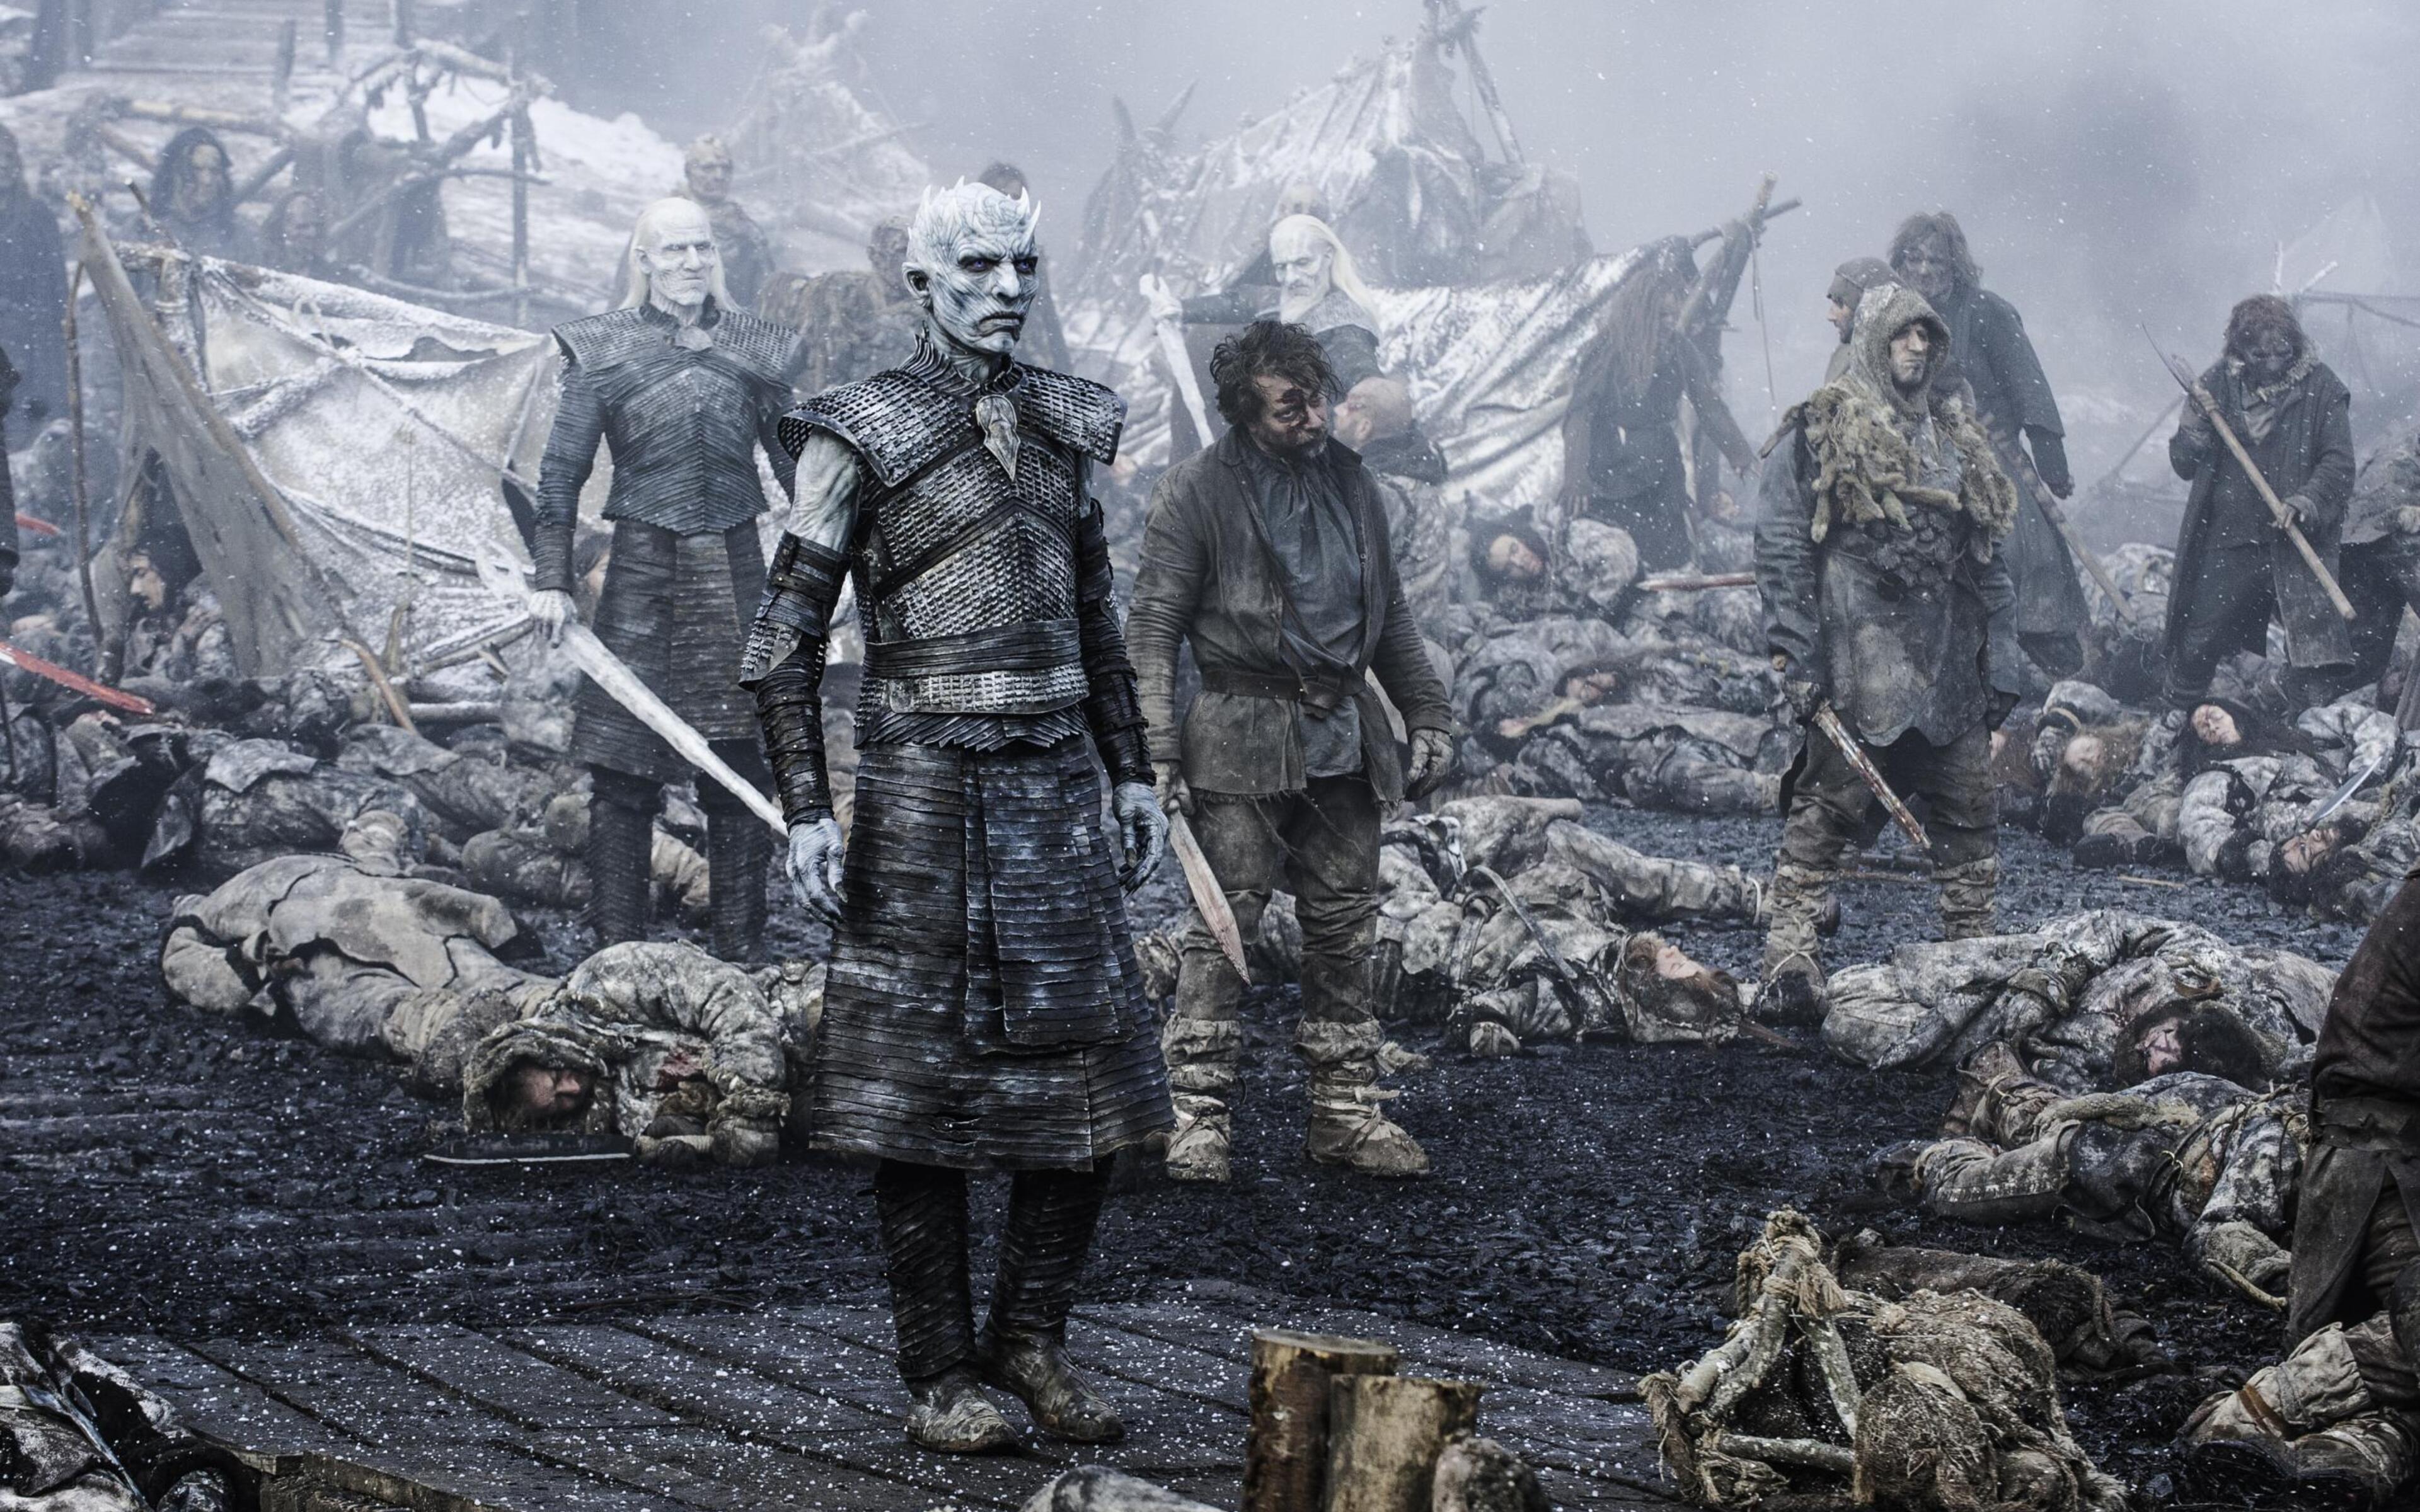 white-walkers-game-of-thrones-xg.jpg